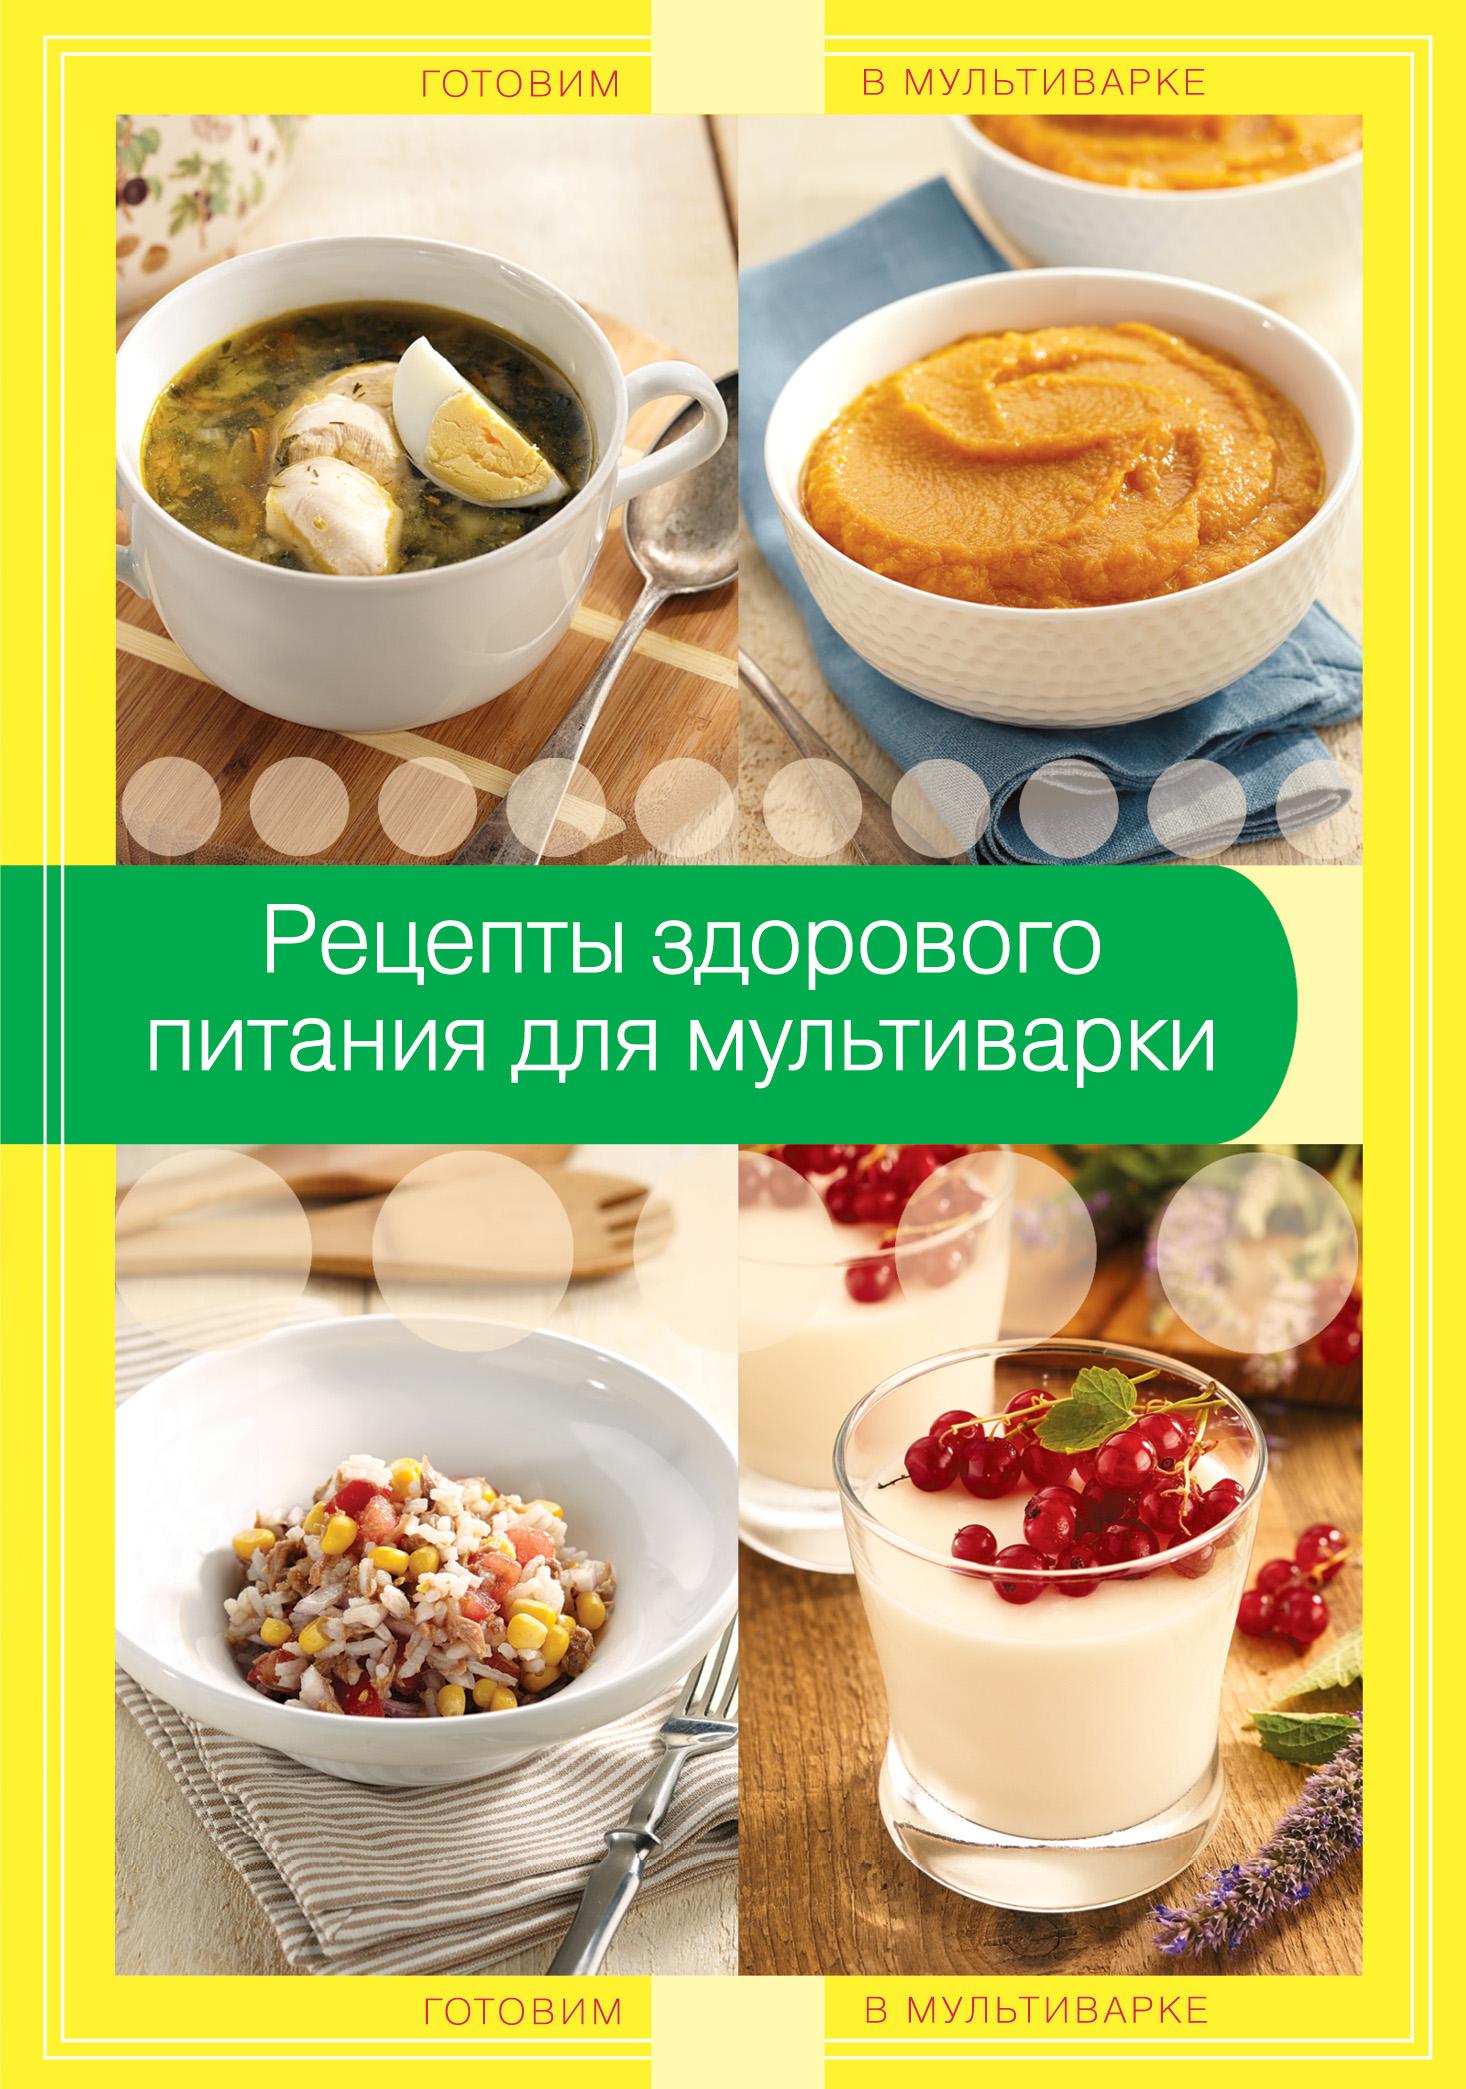 Вкусные рецепты здорового питания